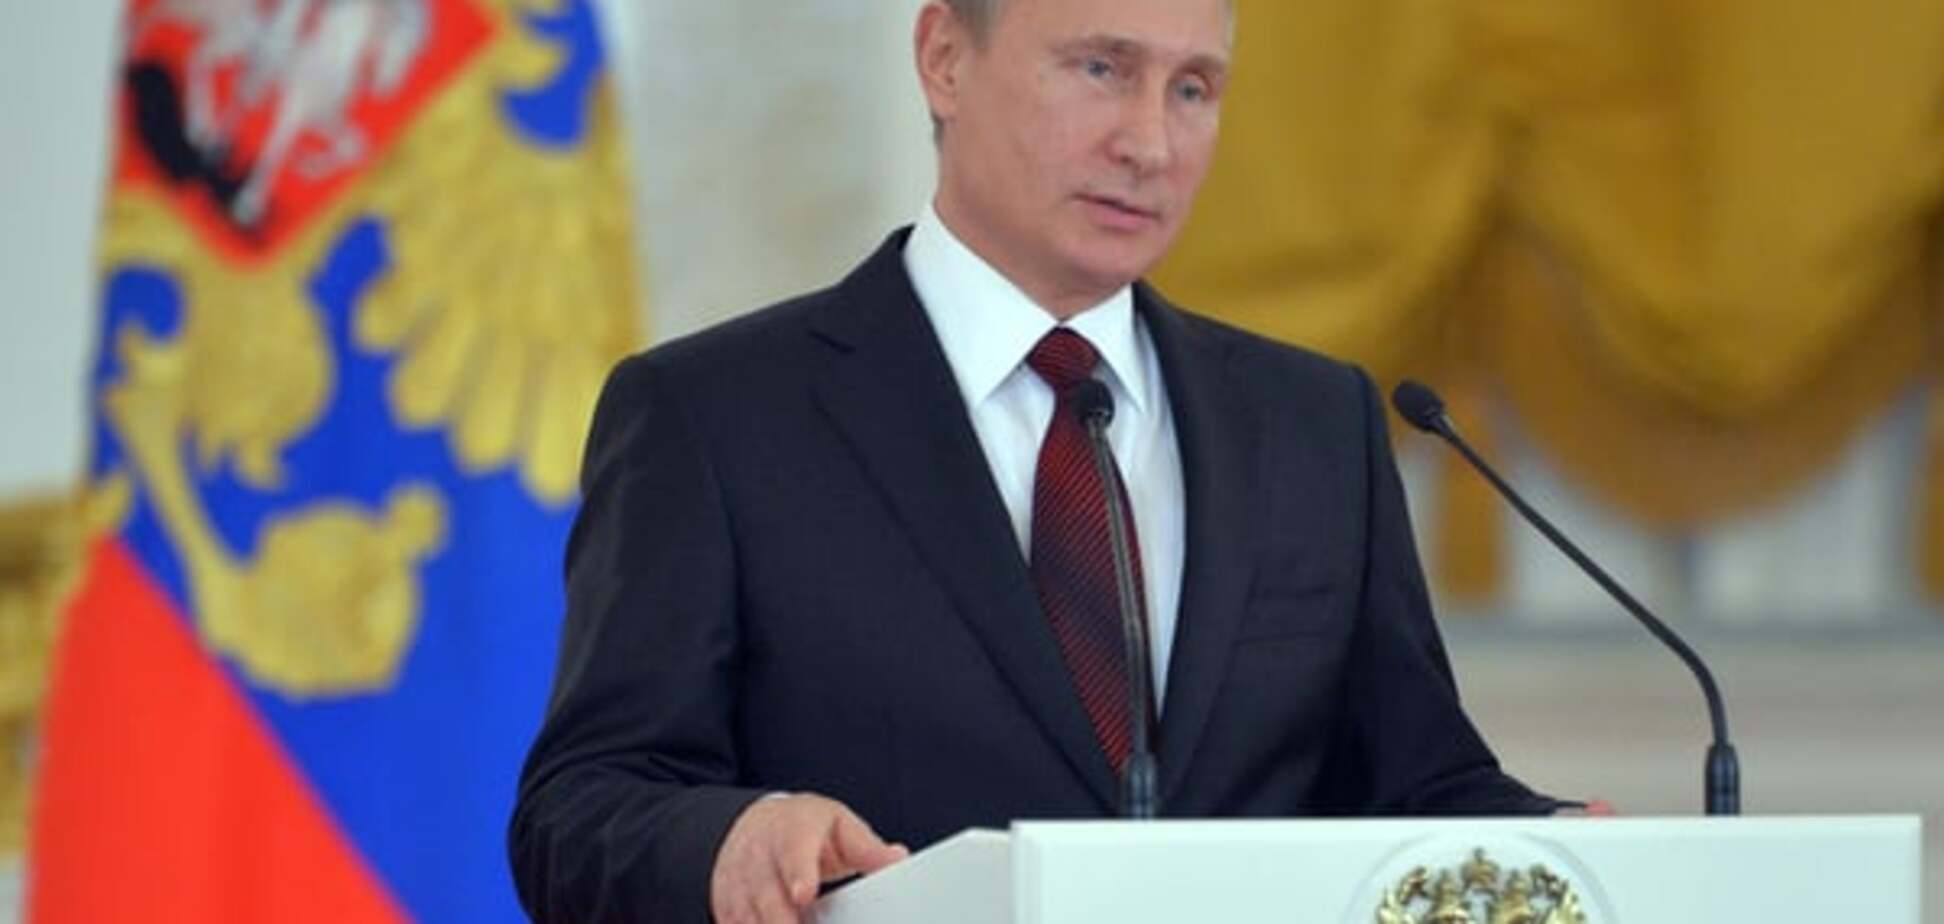 Отвлекающий маневр: Бильдт объяснил, зачем Путин ввязался в войну в Сирии